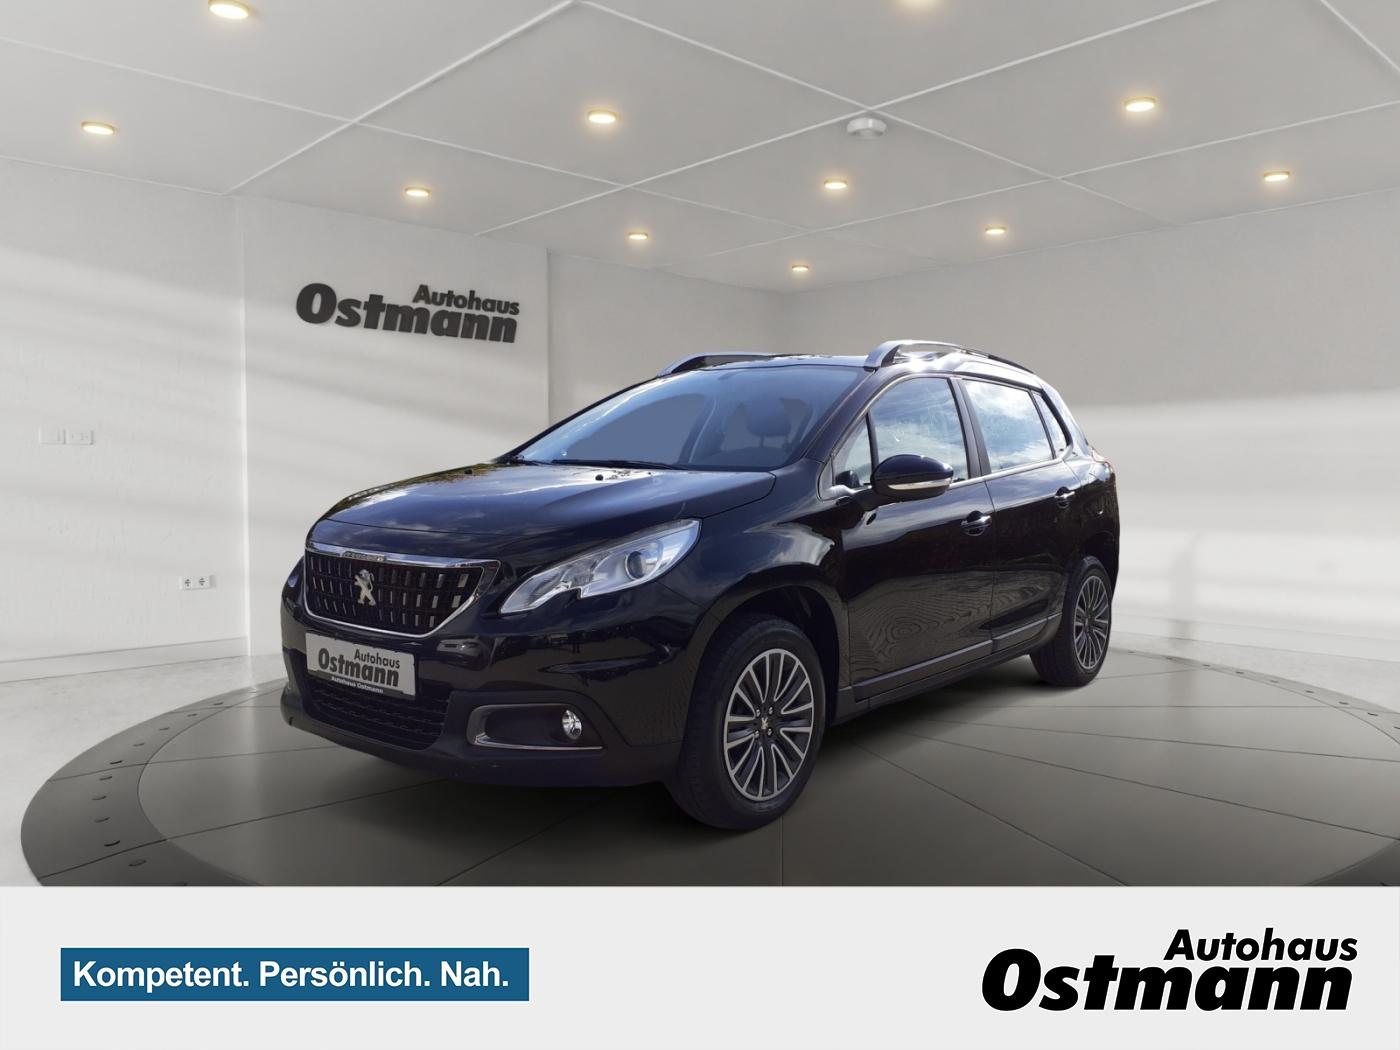 Peugeot 2008 1.2 PureTech Active NAVI LED KLIMA TEMPOMAT, Jahr 2016, Benzin